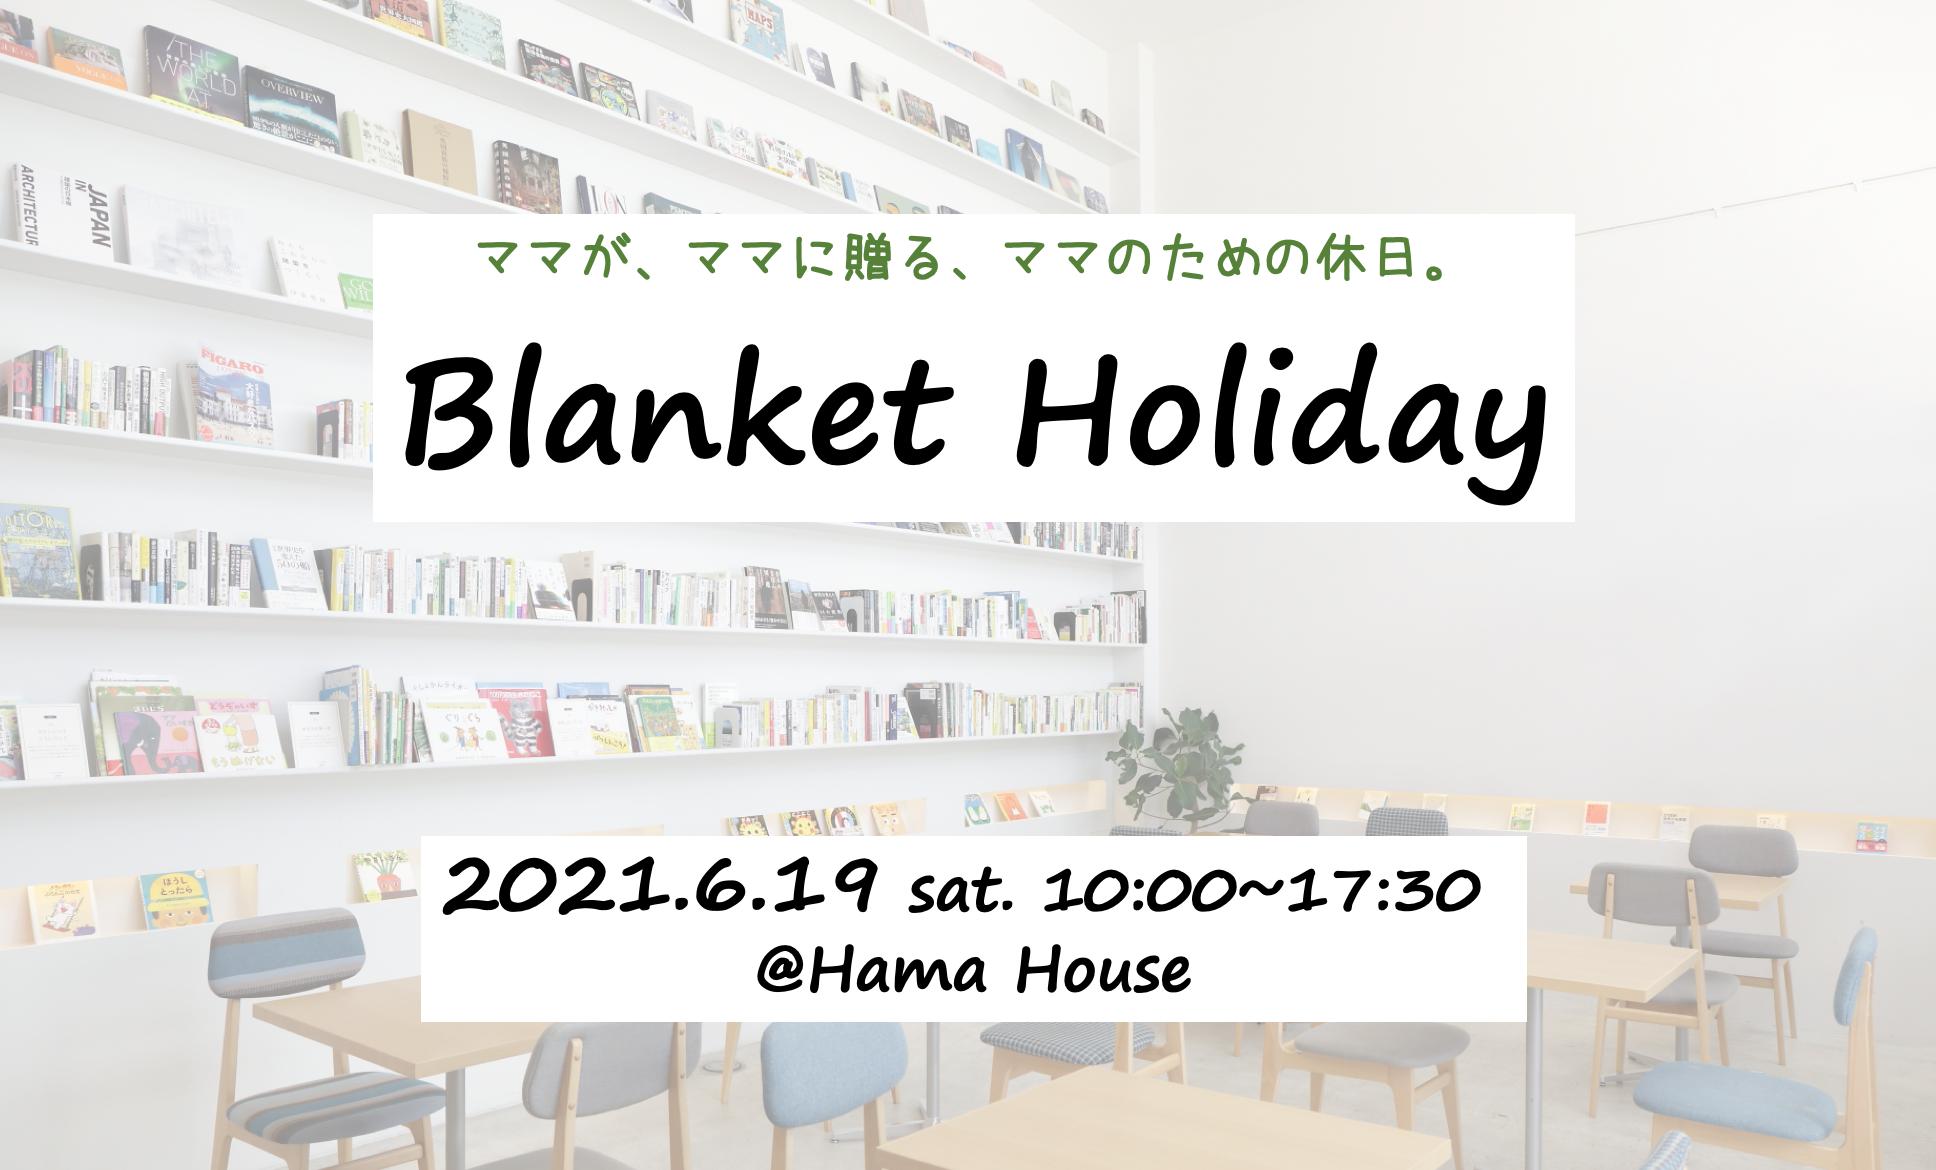 【6月19日】Blanket Holiday